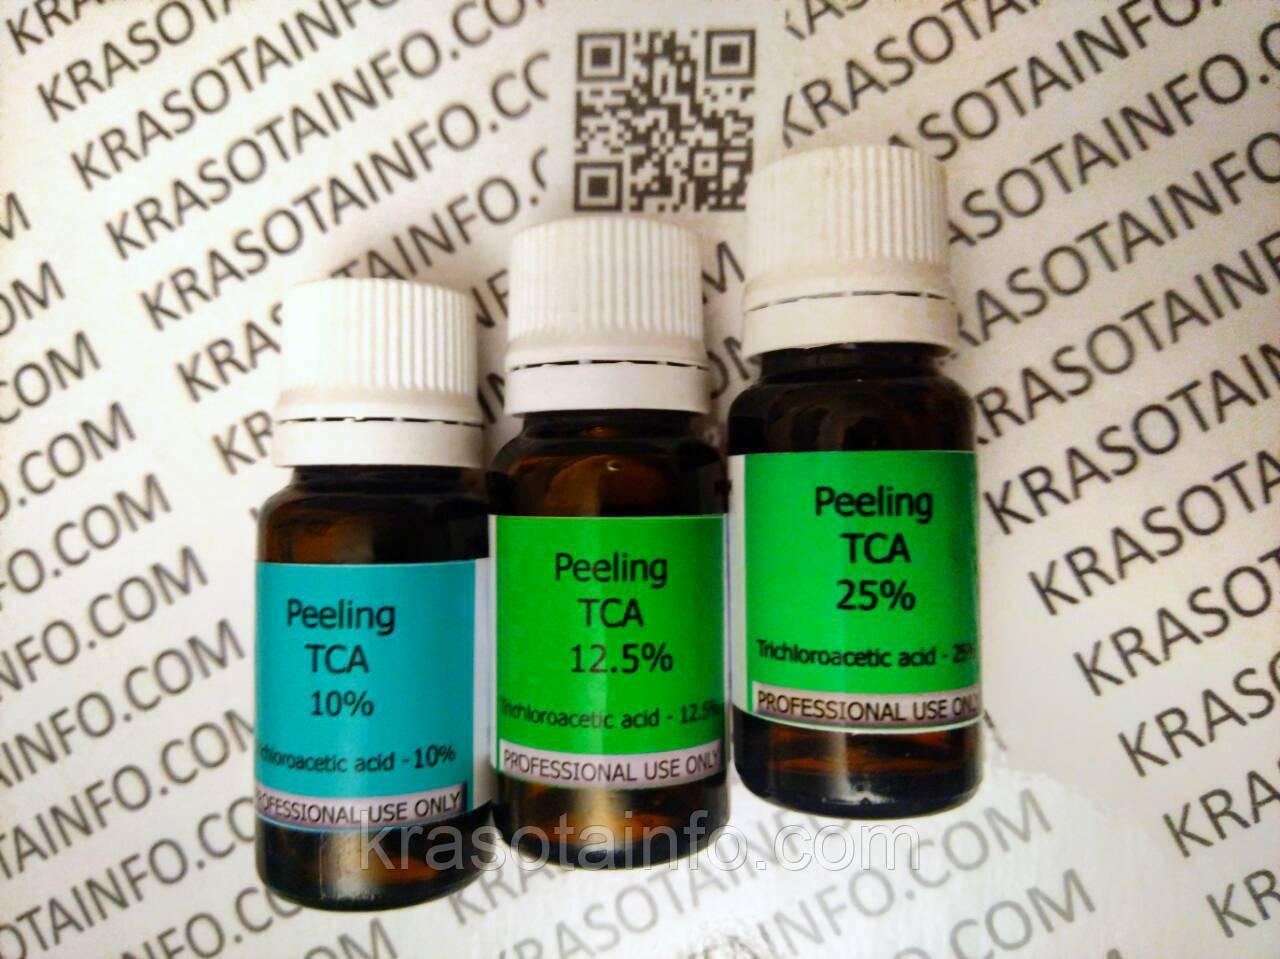 ТСА пилинг 25% - Трихлоруксусная кислота, 10 мл